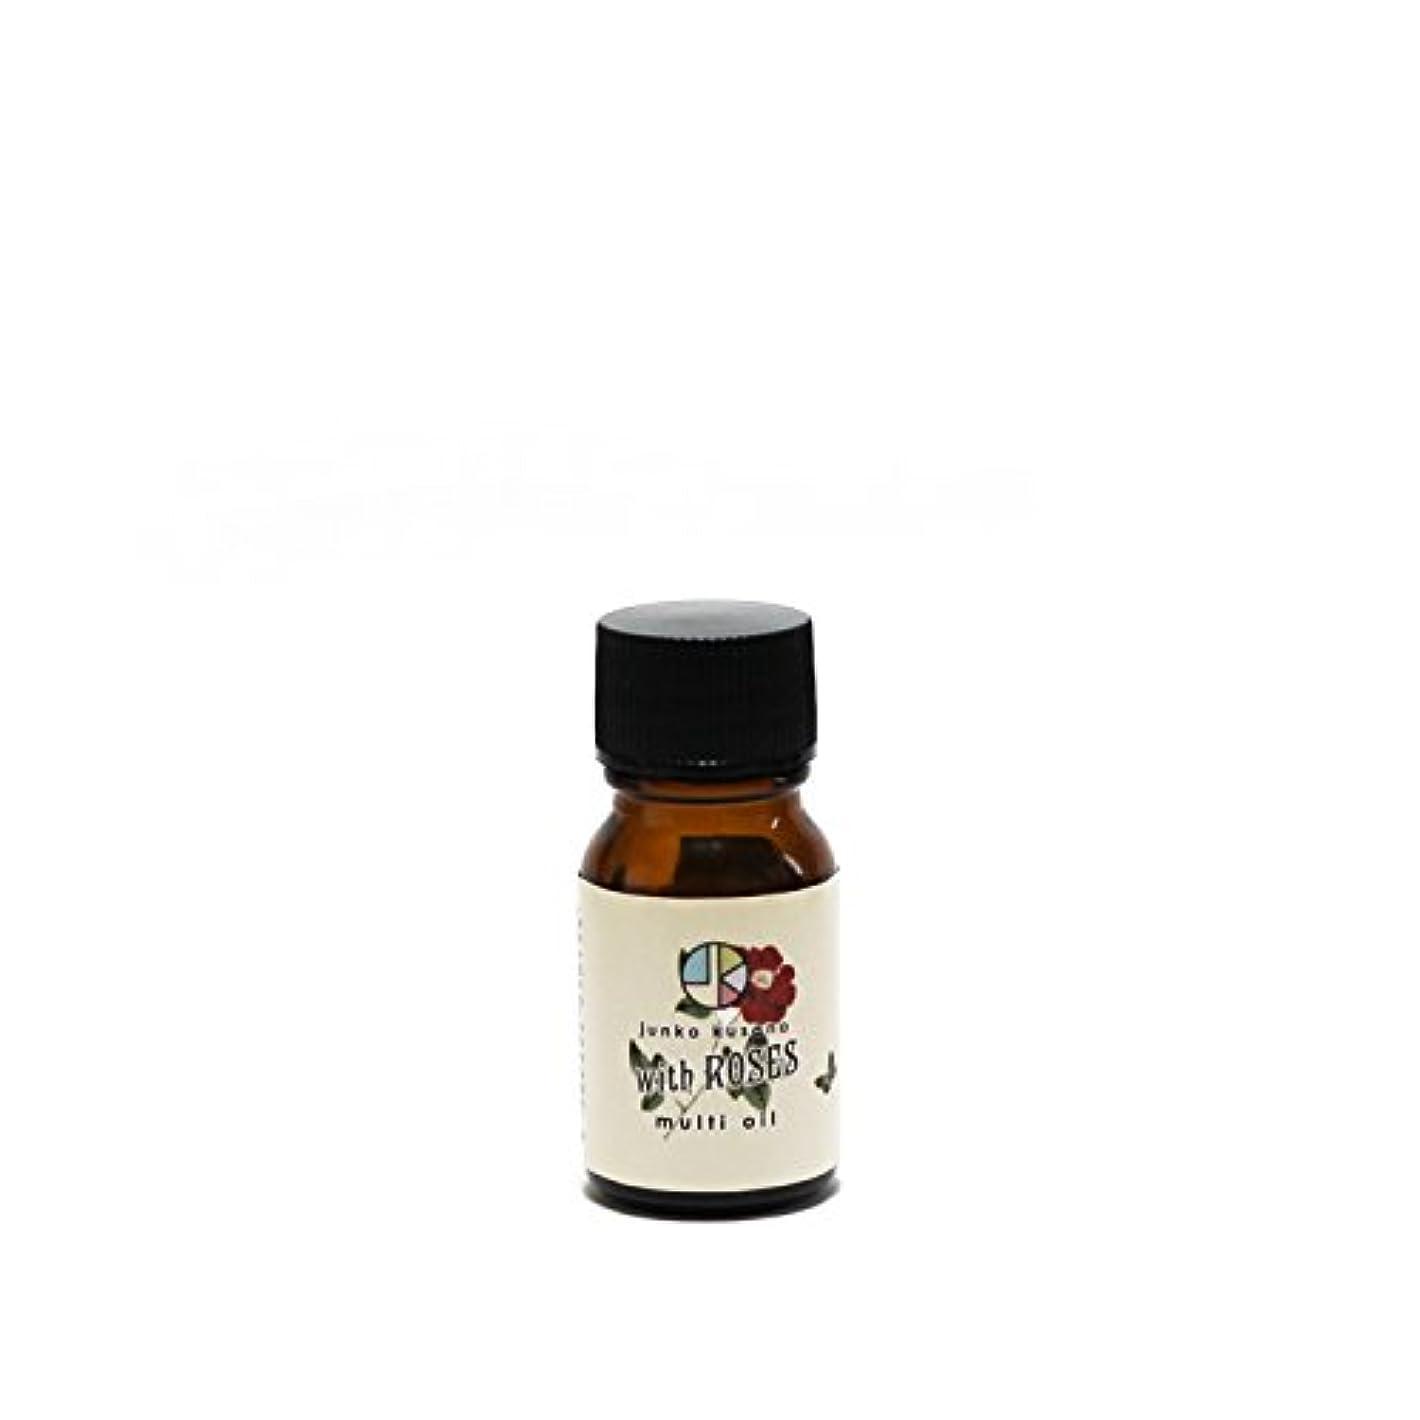 役に立たない市町村トリップjunko kusano multi oil with Roses mini マルチオイルwithローズ ミニボトル10ml